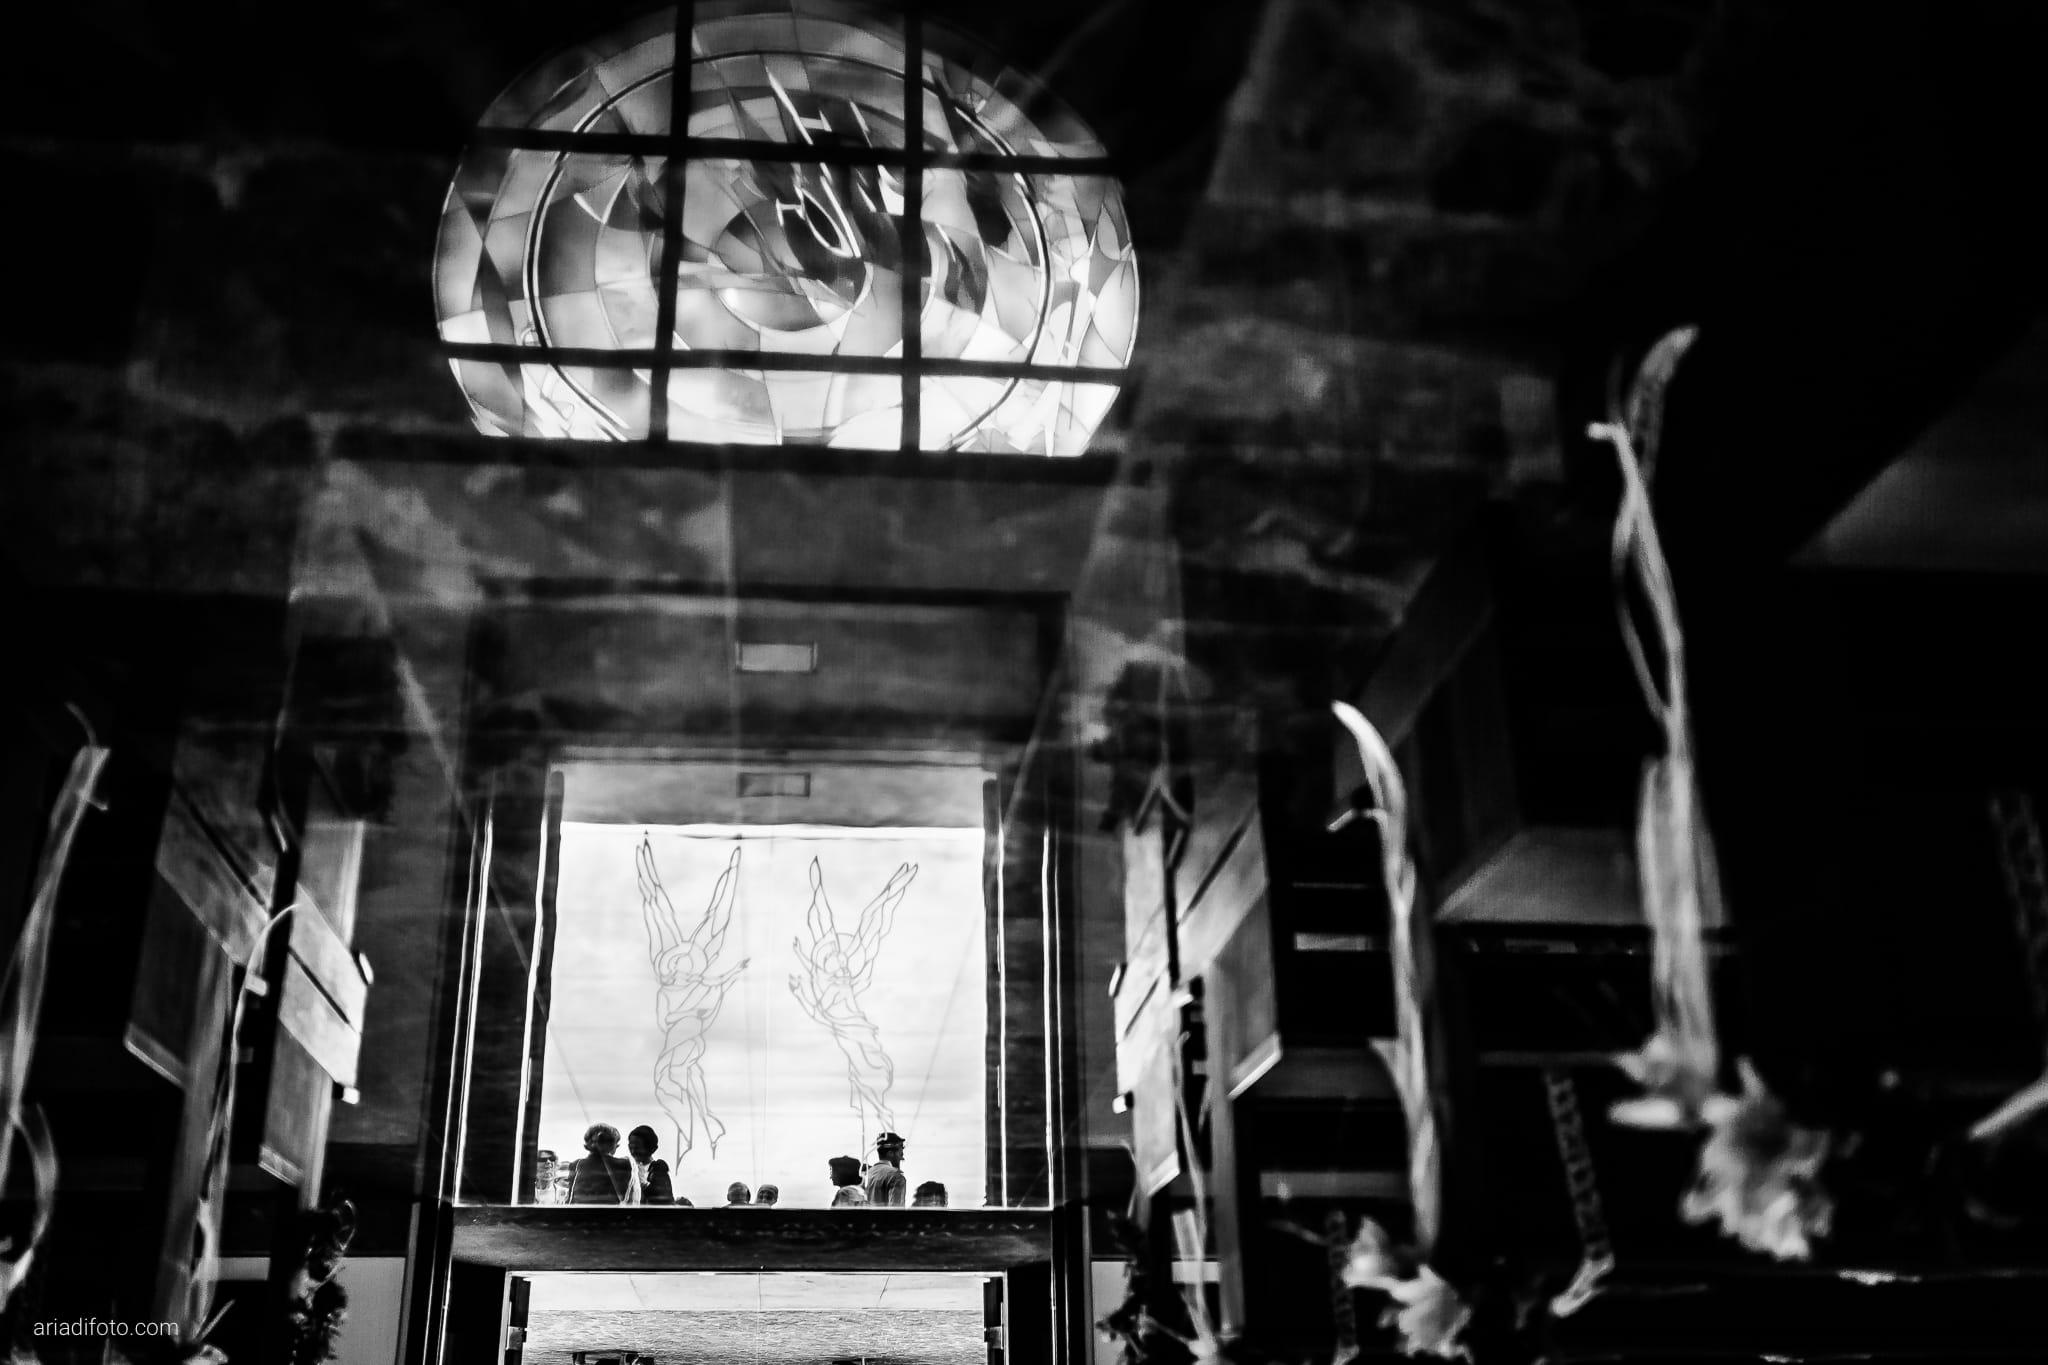 Michela Emilio Matrimonio Terrazze Riviera Trieste momenti cerimonia Santa Caterina Da Siena dettagli riflesso pavimento